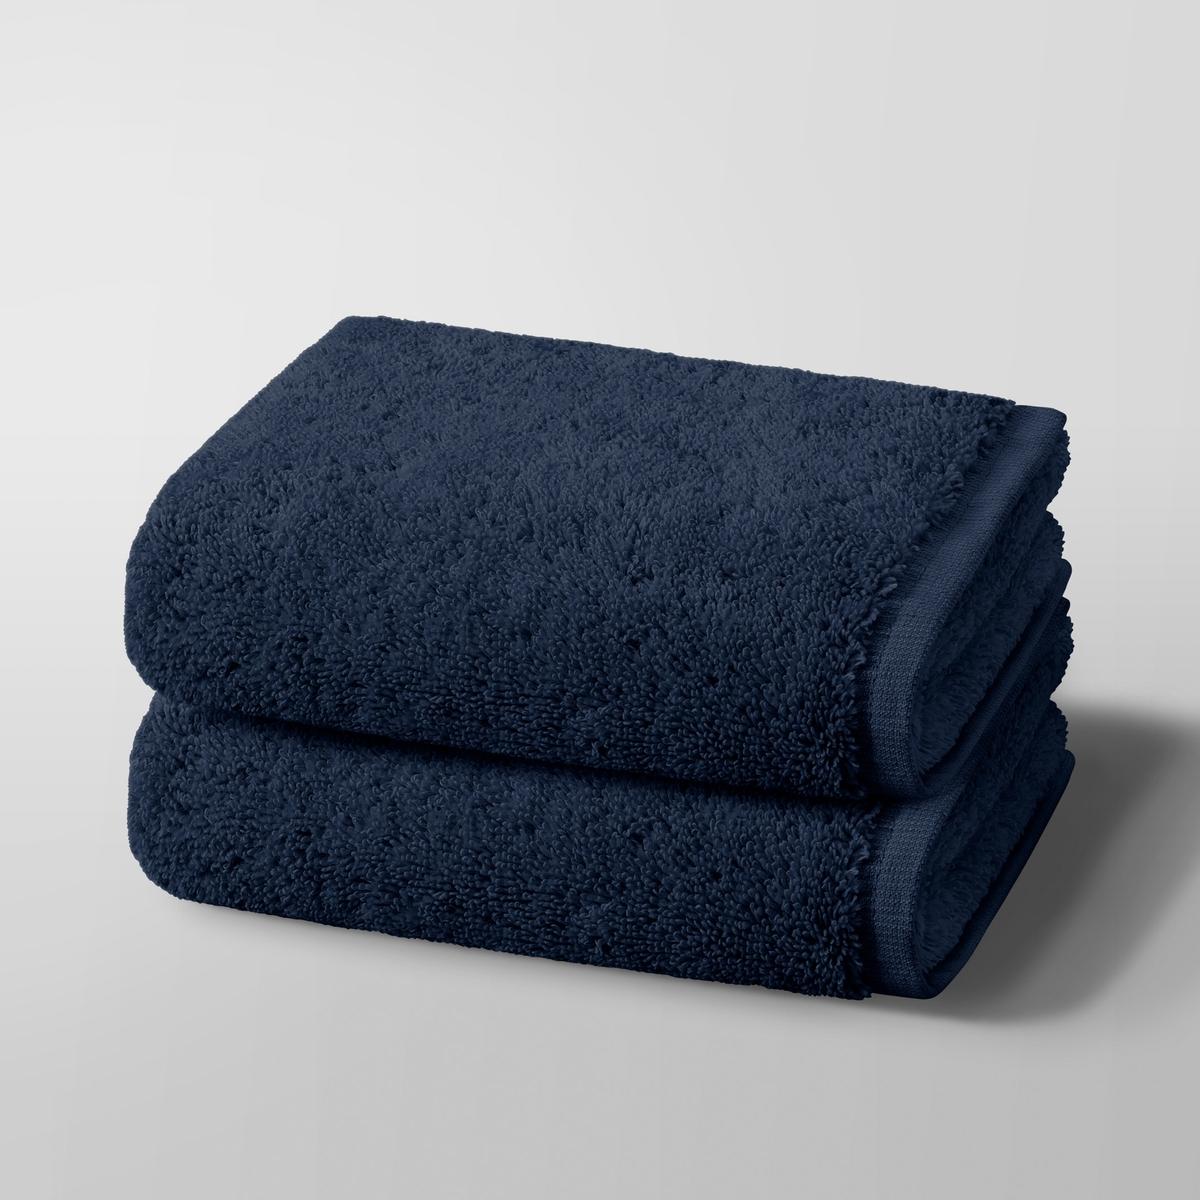 2 полотенца гостевых Gilbear<br><br>Цвет: светло-серый,серо-коричневый,серо-розовый,сине-зеленый,синий морской,темно-серый,черный